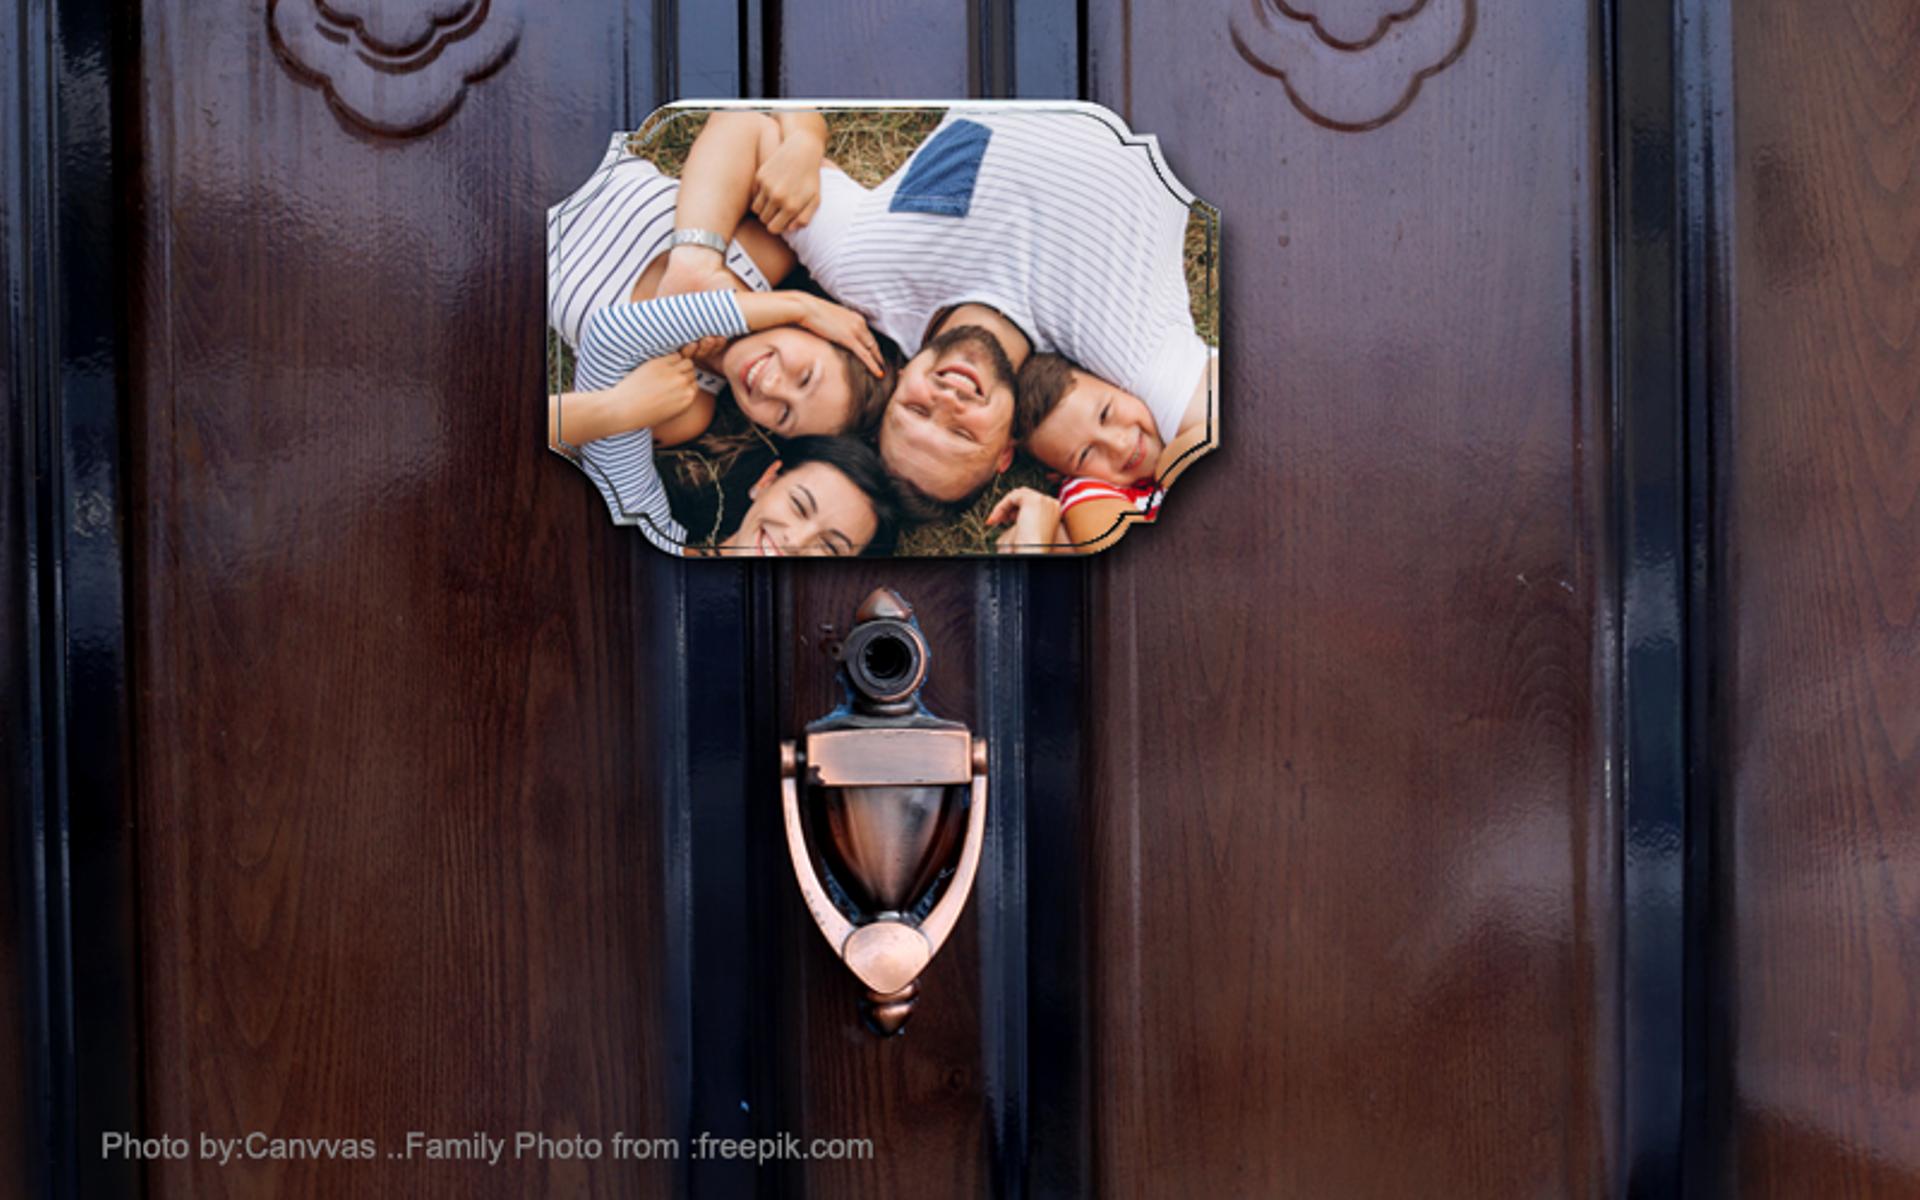 מגן לדלת כניסה או לשולחן, הדפסה על עץ באיכות פוטו. מלבן מקושט.